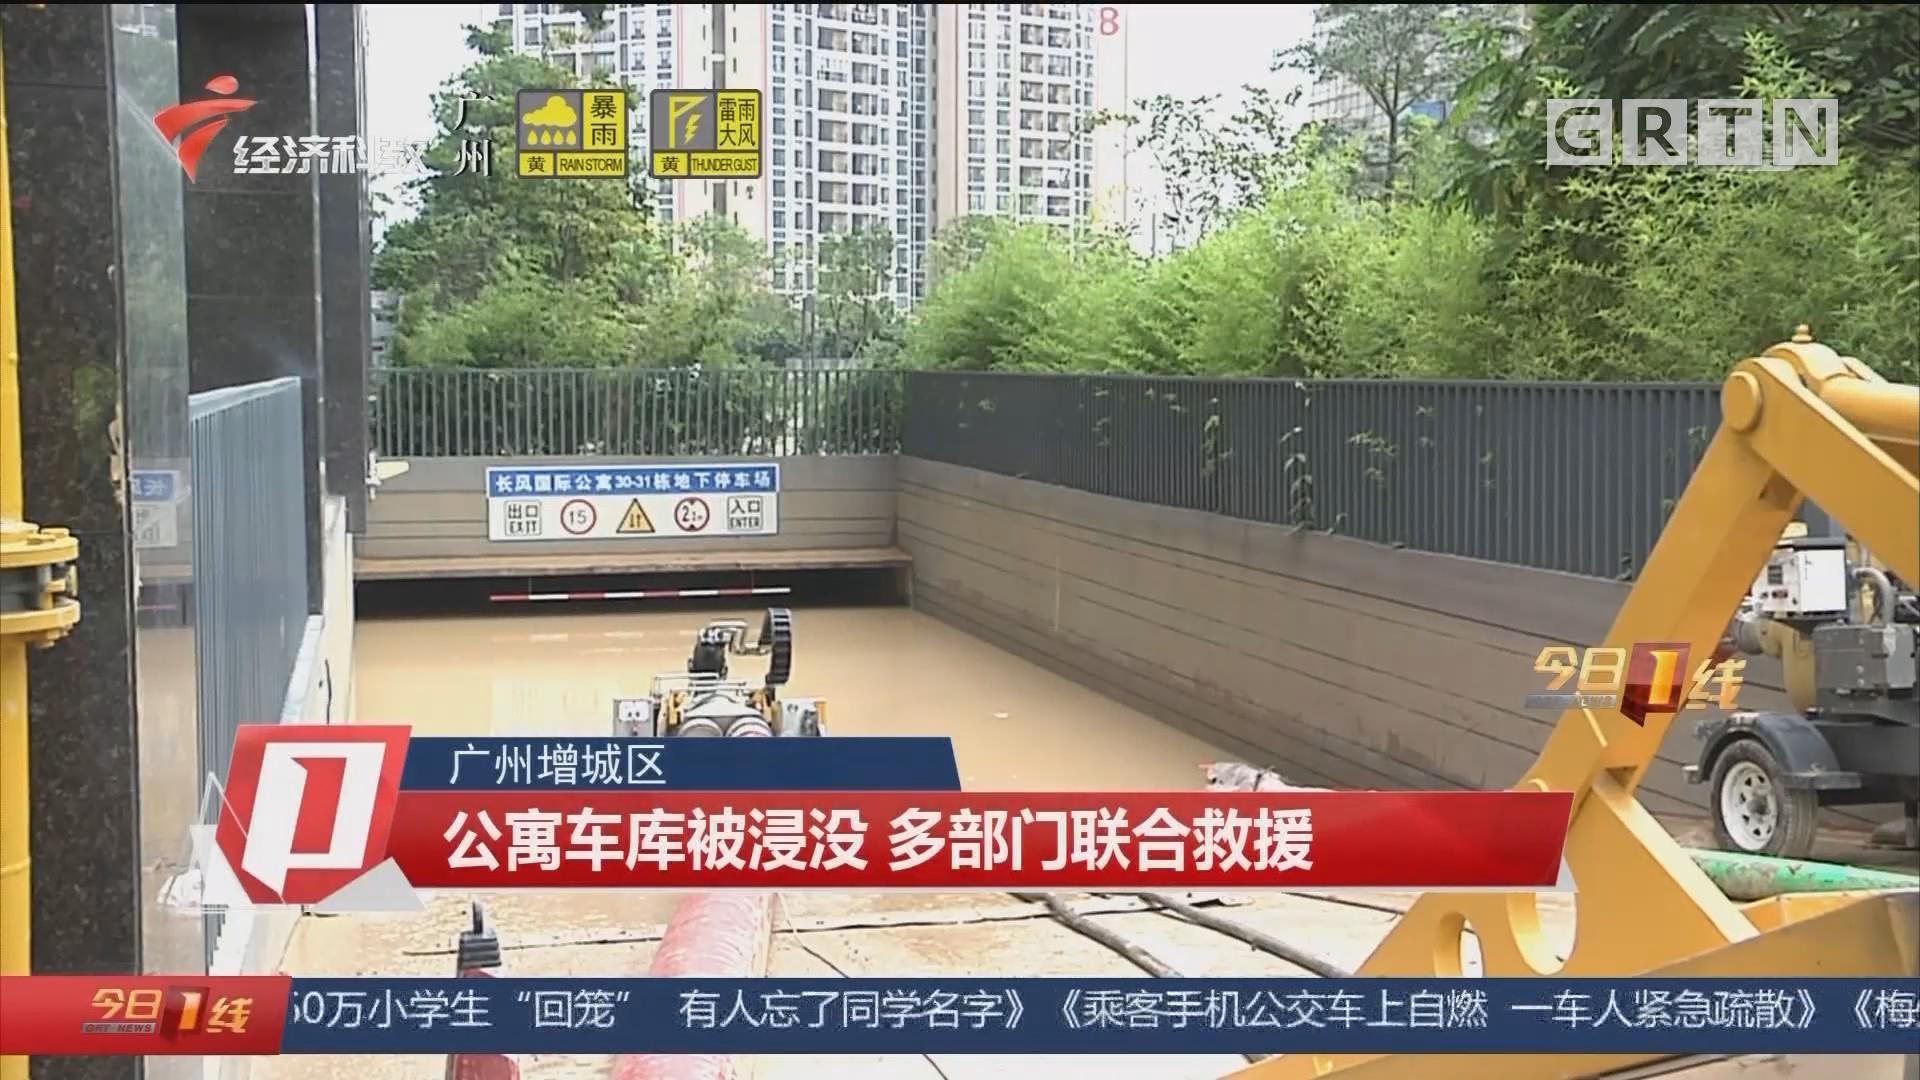 广州增城区 公寓车库被浸没 多部门联合救援